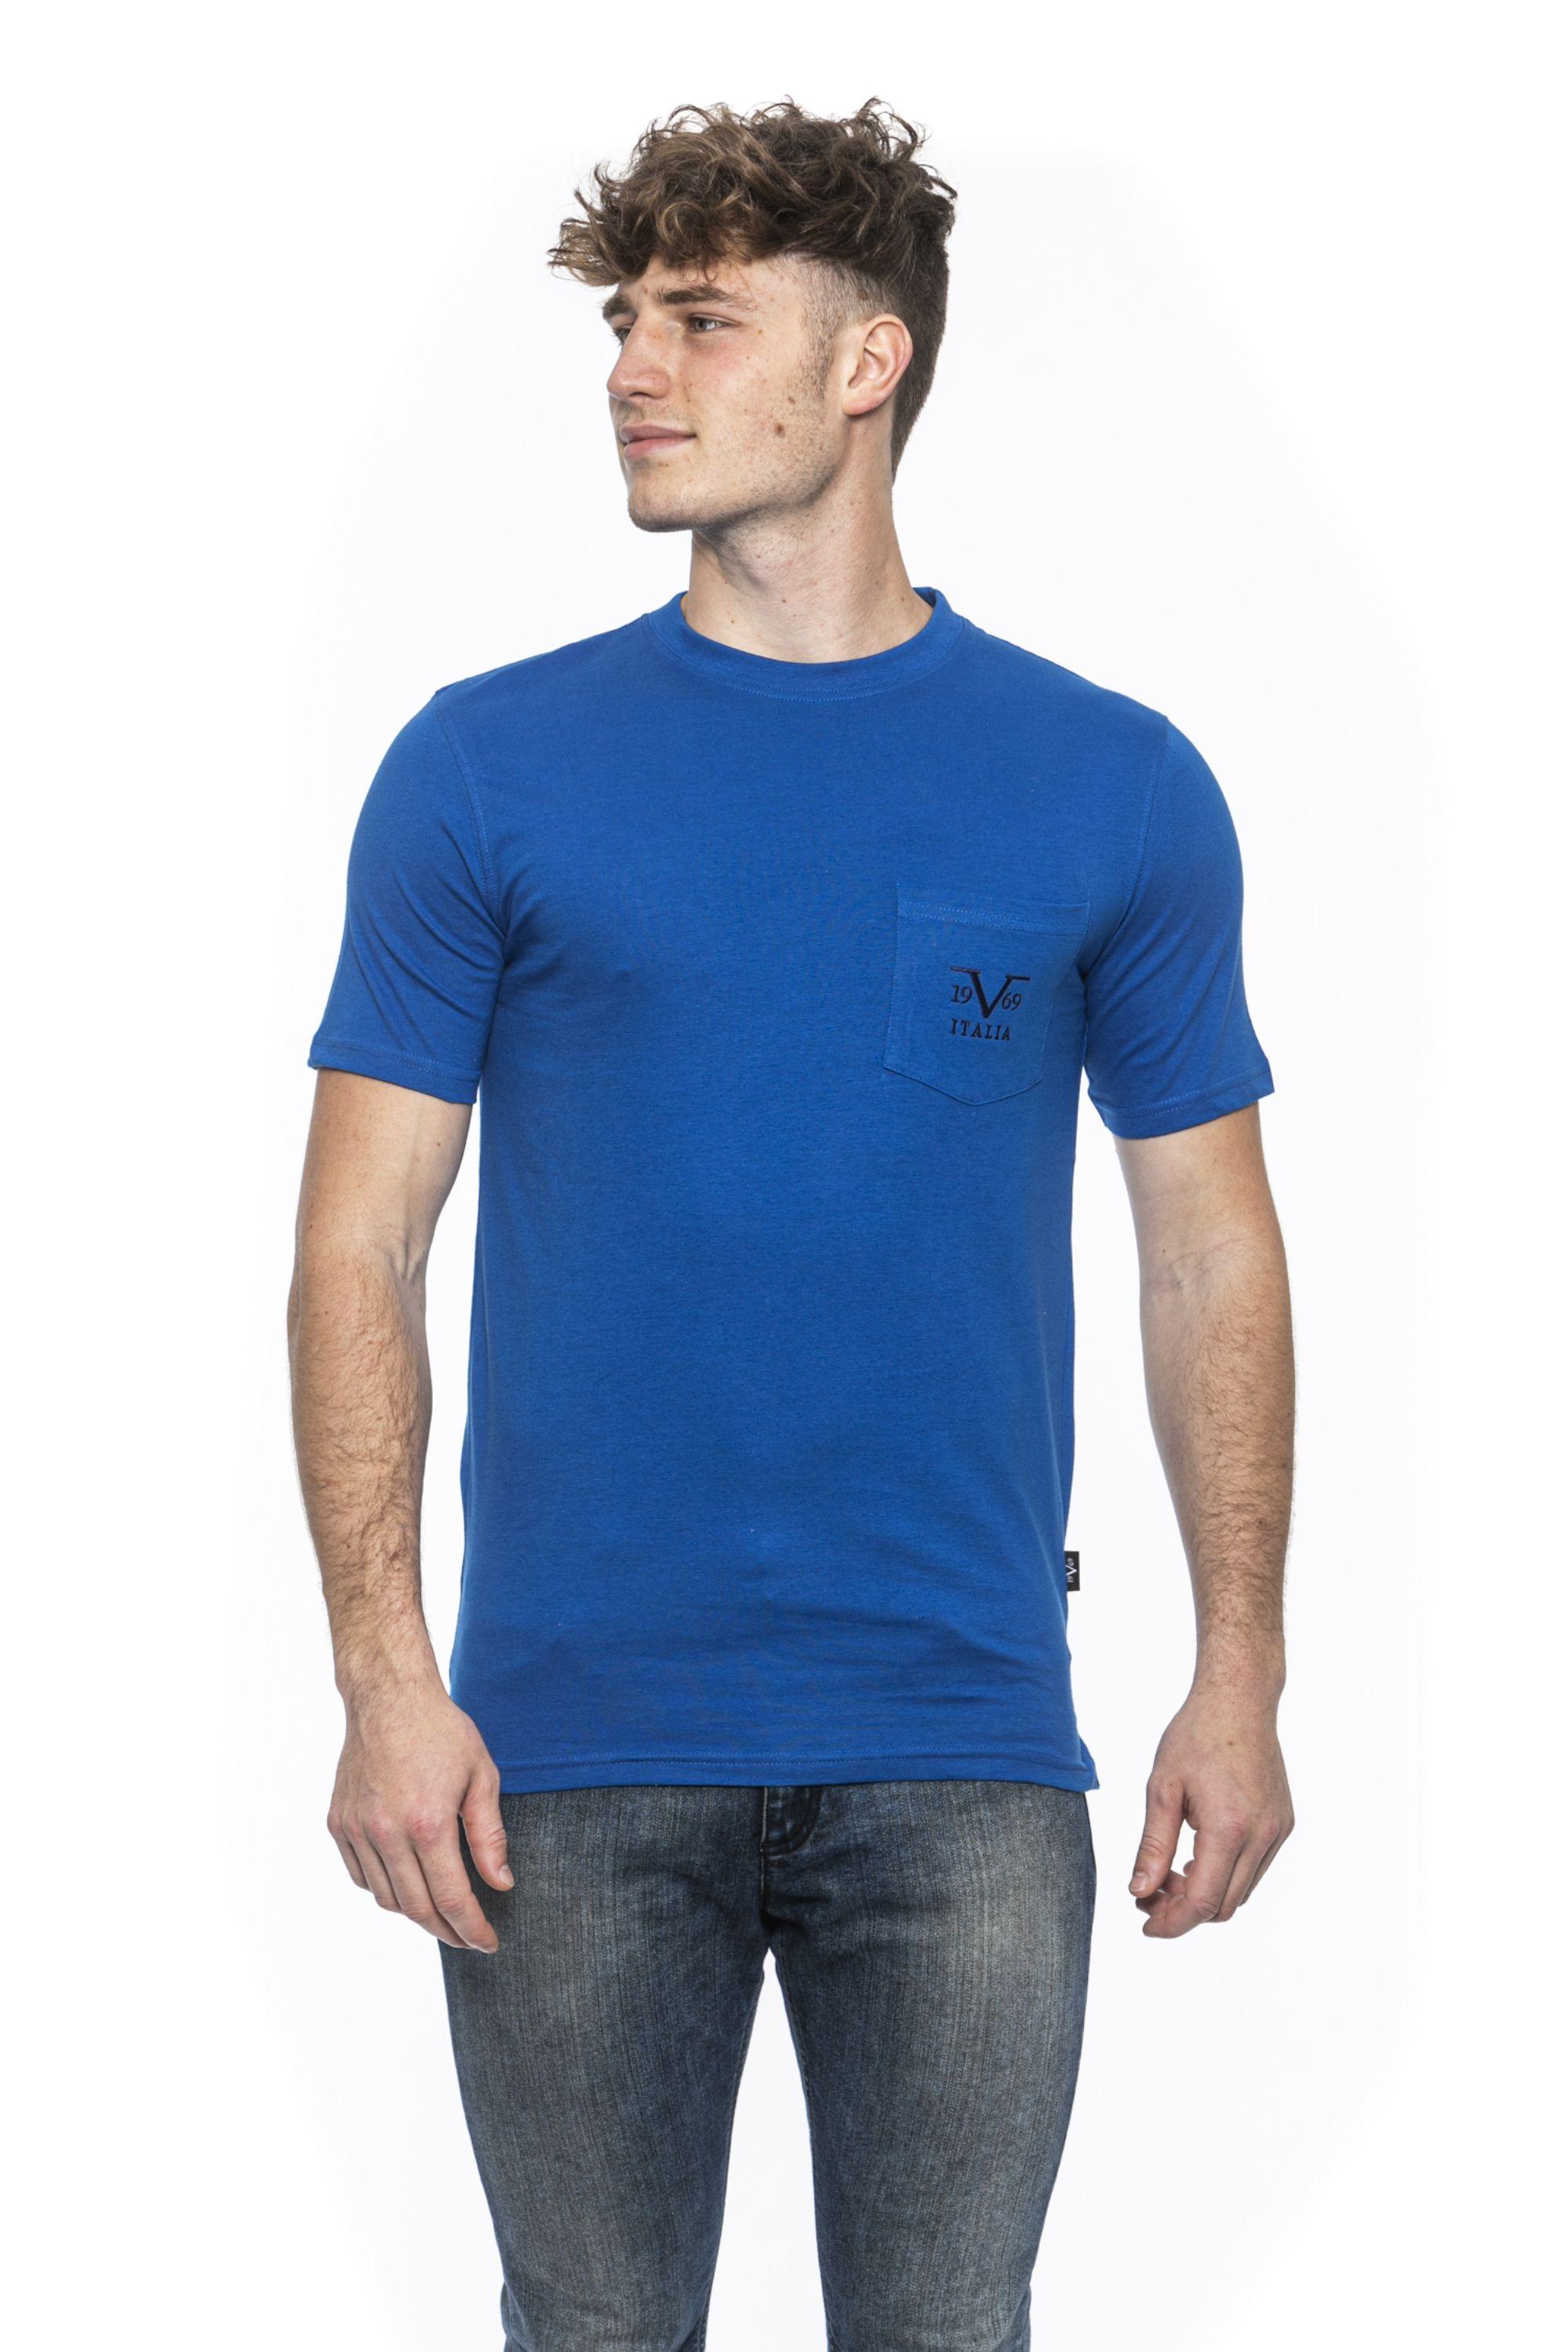 Marchio 19v69 Italia Genere Uomo Tipologia T-shirt Stagione Primavera/Estat…